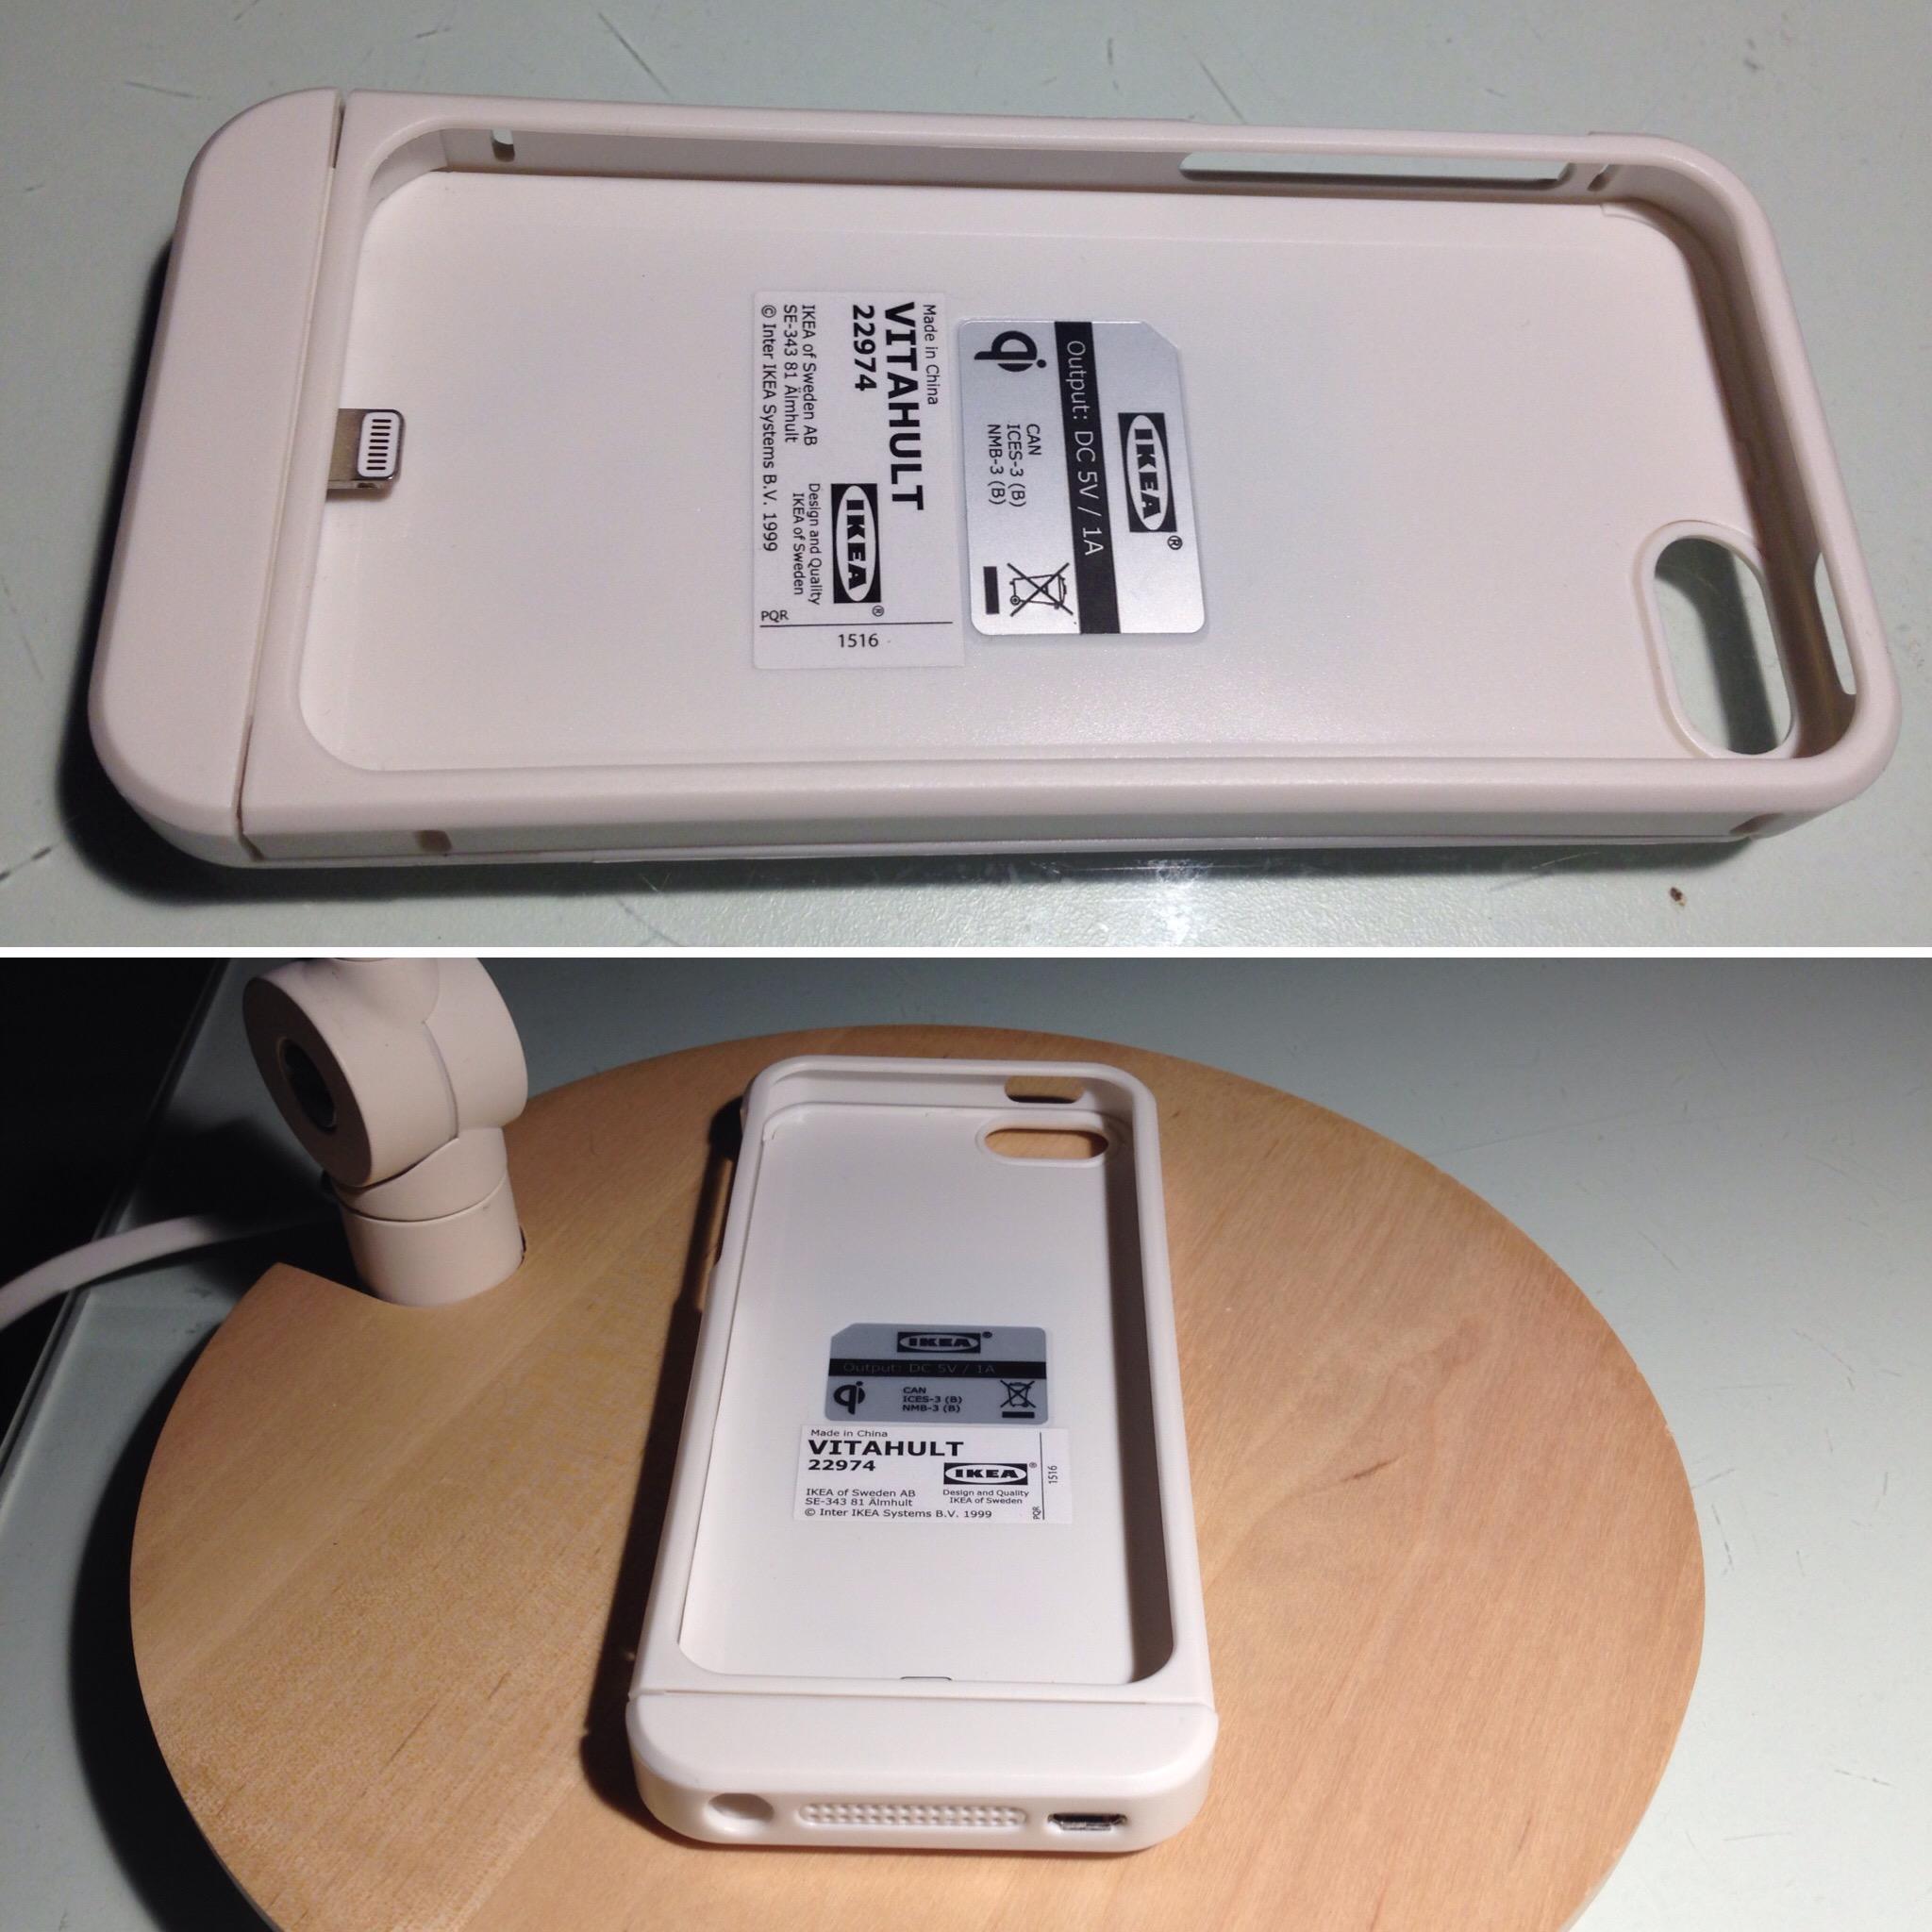 Favorlamp-Den-ban-RIGGAD4 [Giới thiệu sản phẩm] Khi đèn bàn tích hợp công nghệ